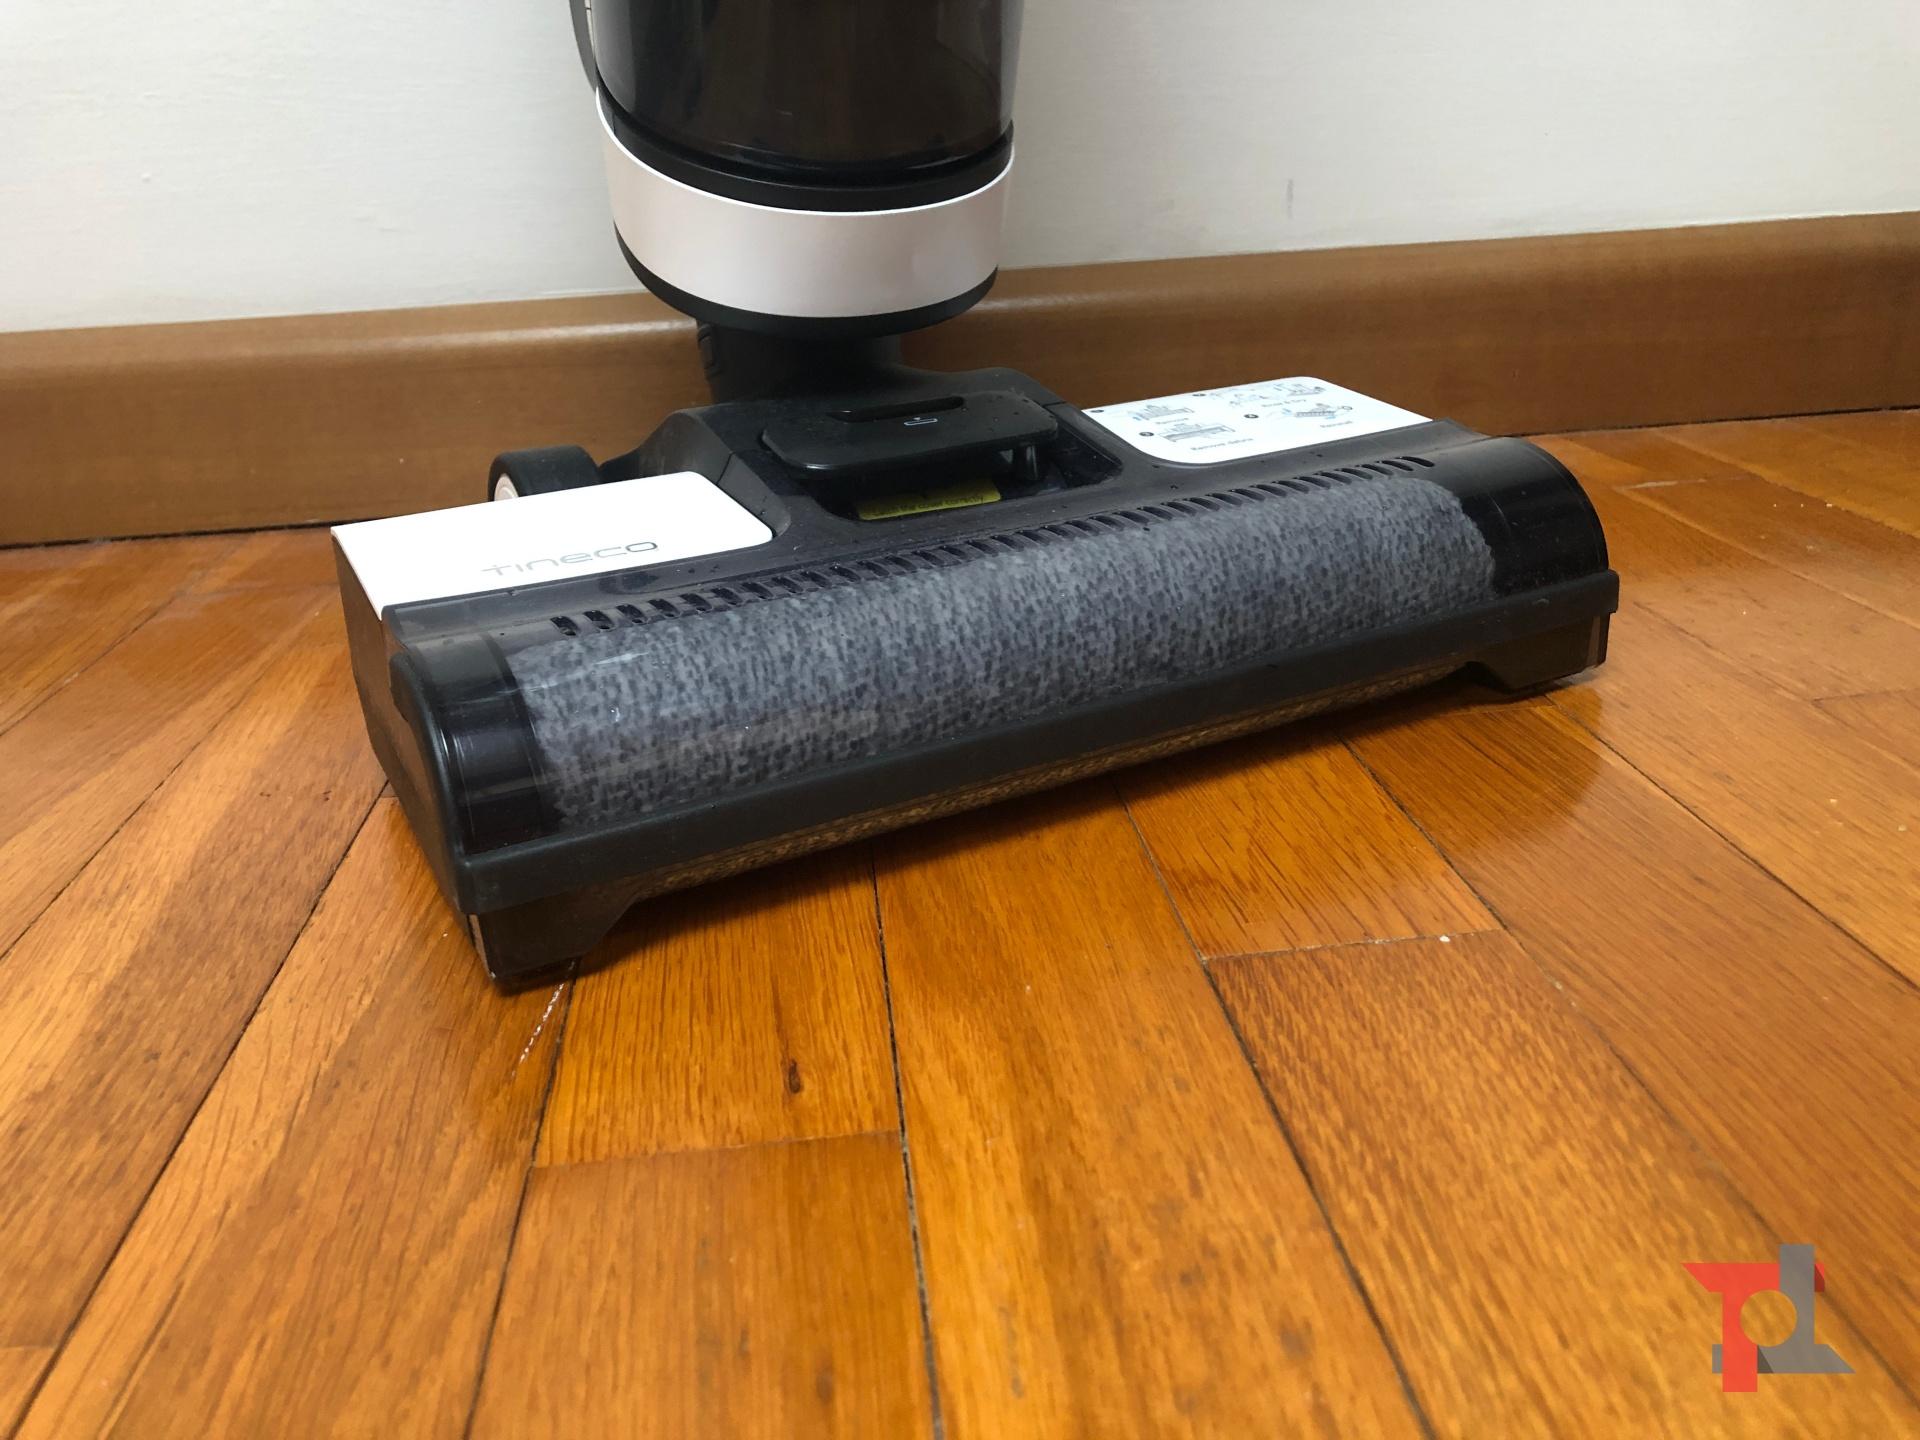 Recensione Tineco Floor One S3, un lavapavimenti con intelligenza artificiale 8